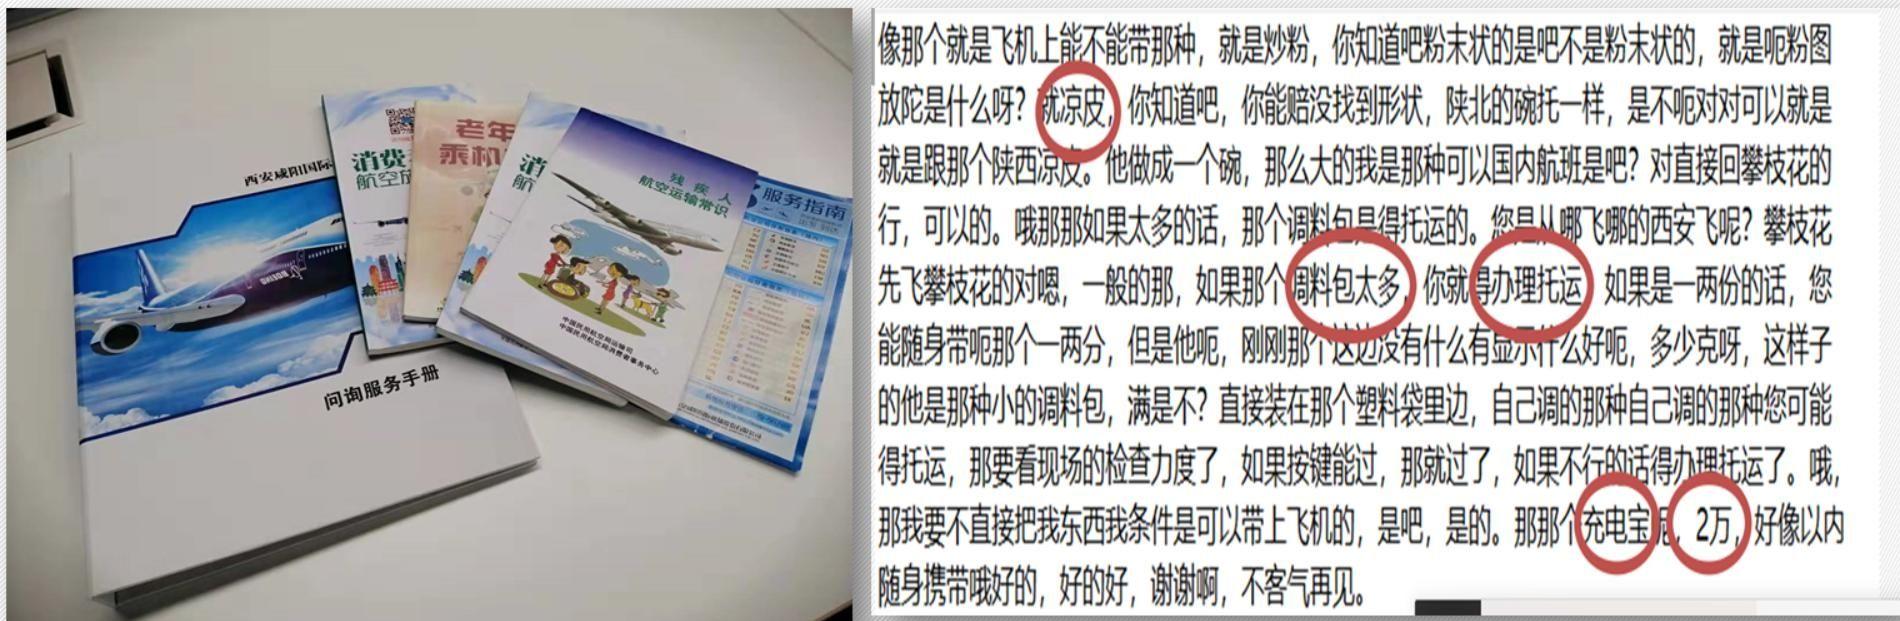 西安咸阳机场静态知识库搭建过程